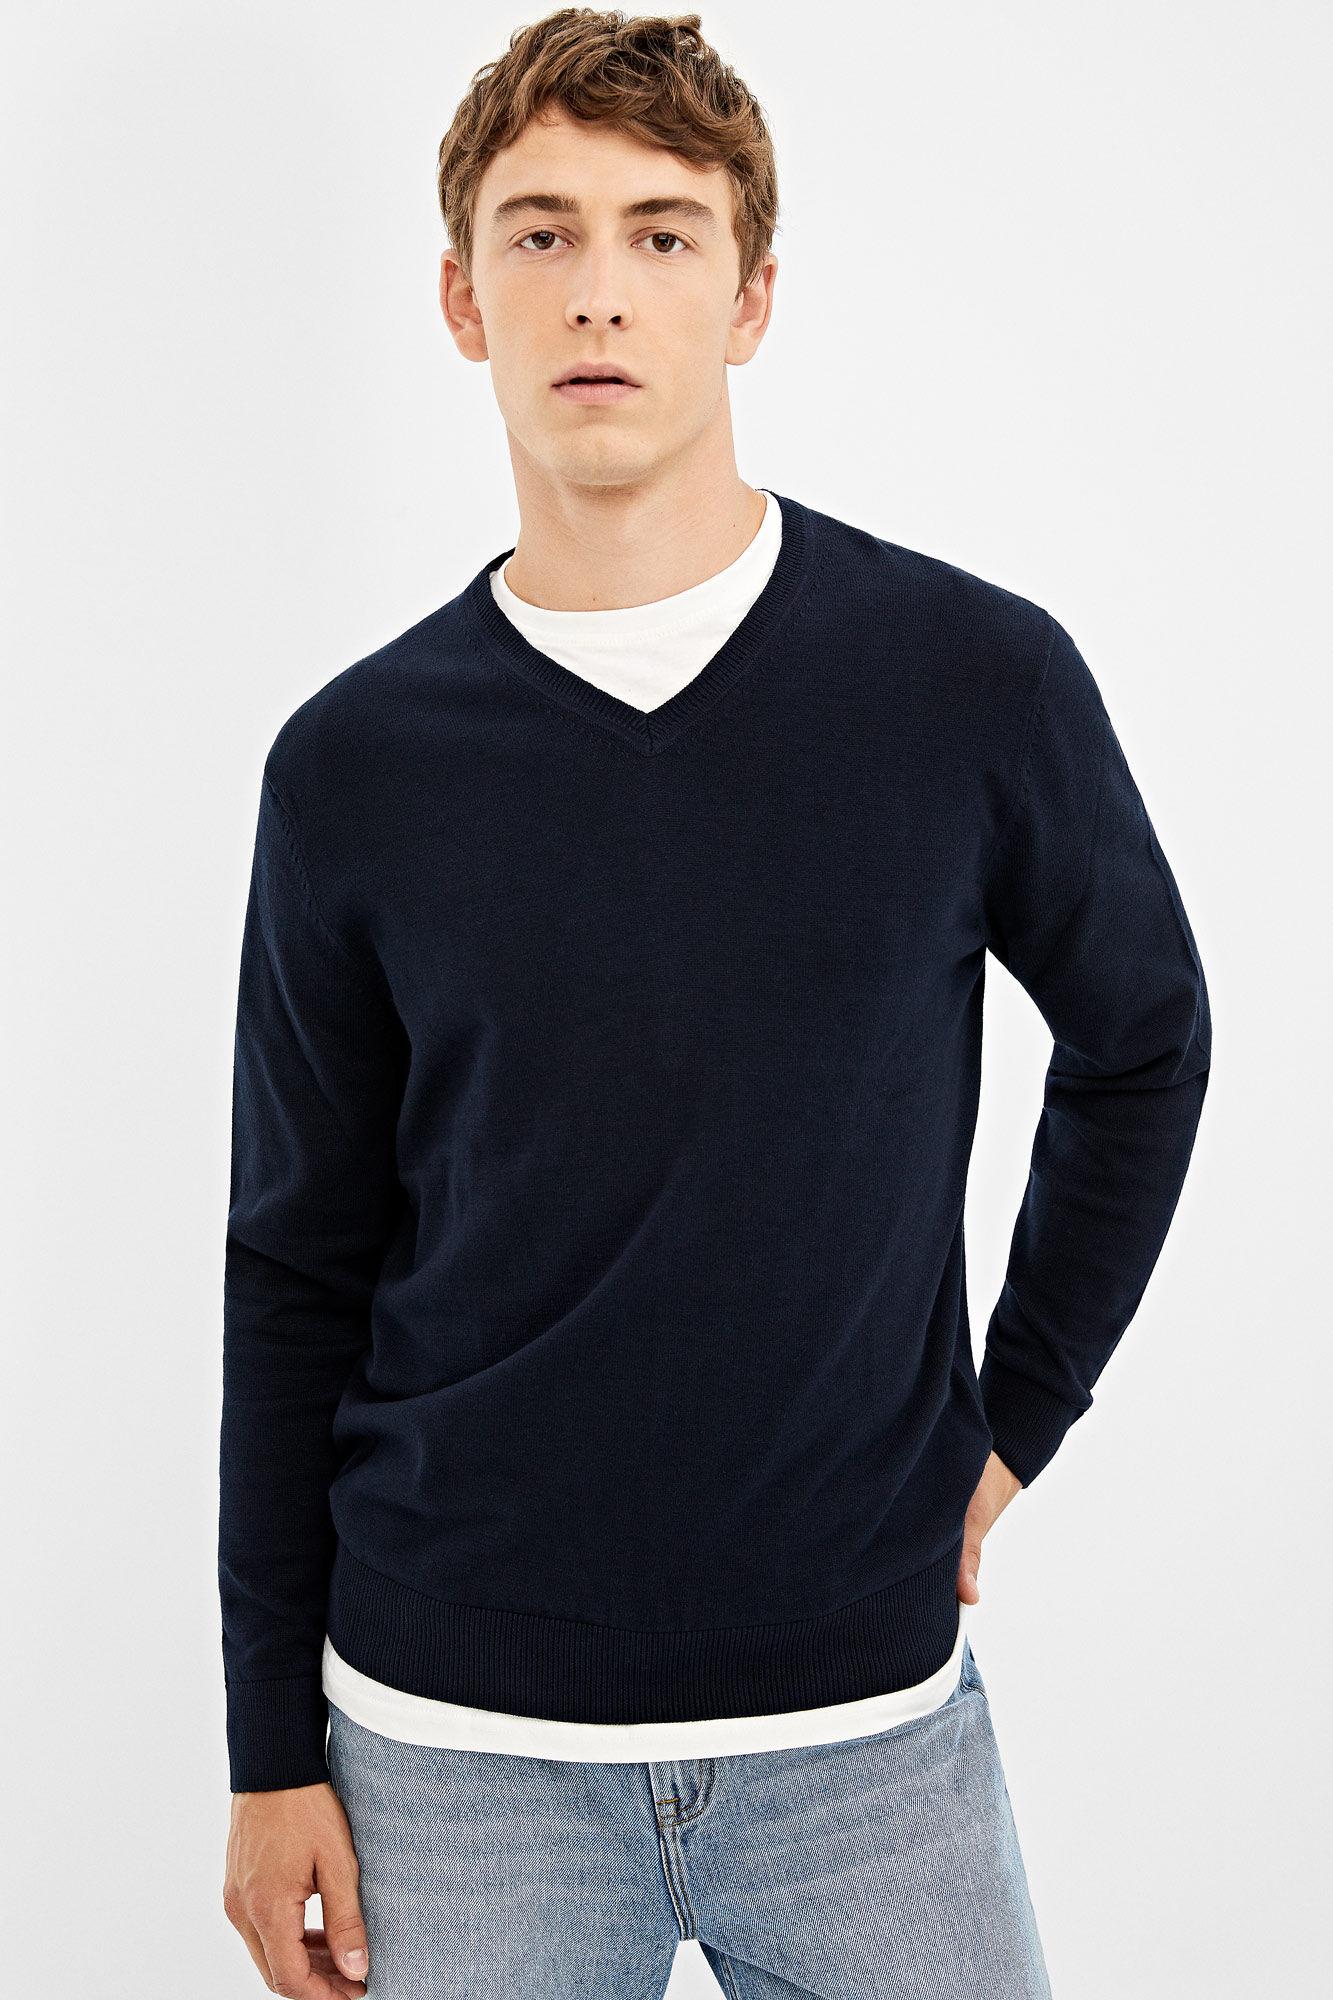 Pullover V Ausschnitt | Pullover | Springfield Man & Woman